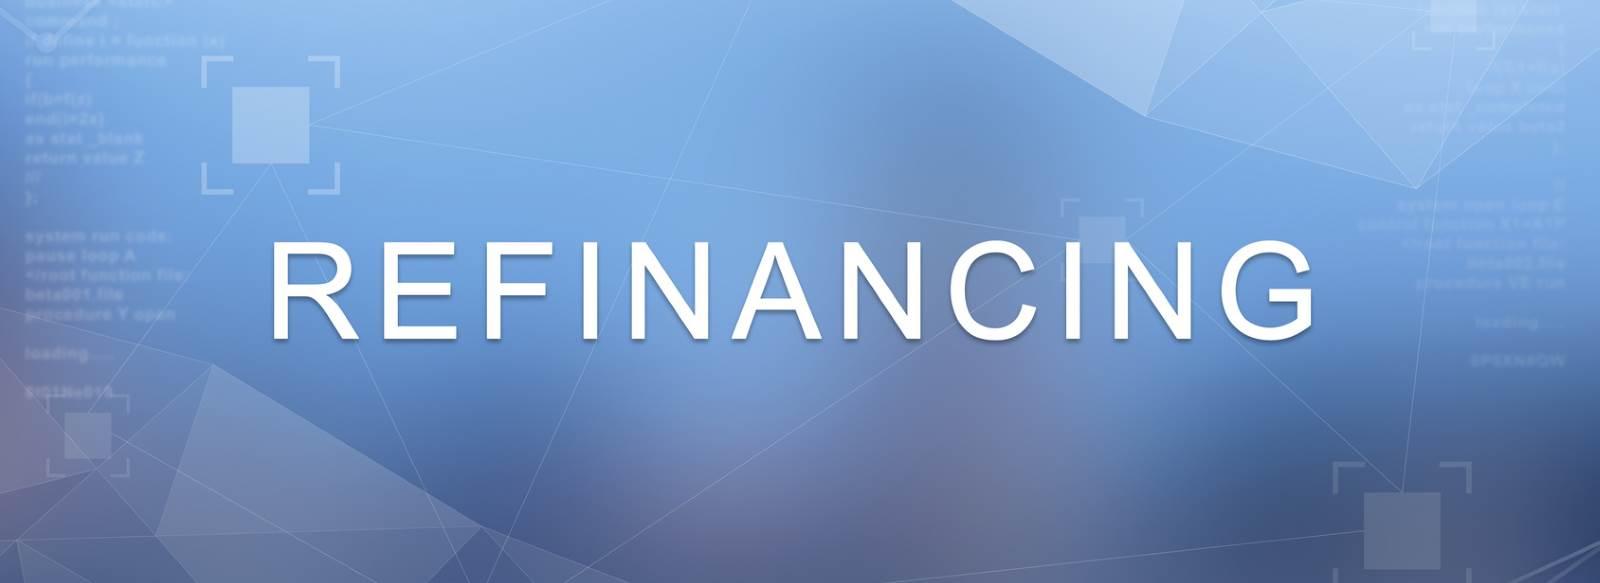 refinancing_with_abair.jpg - 32.41 kB